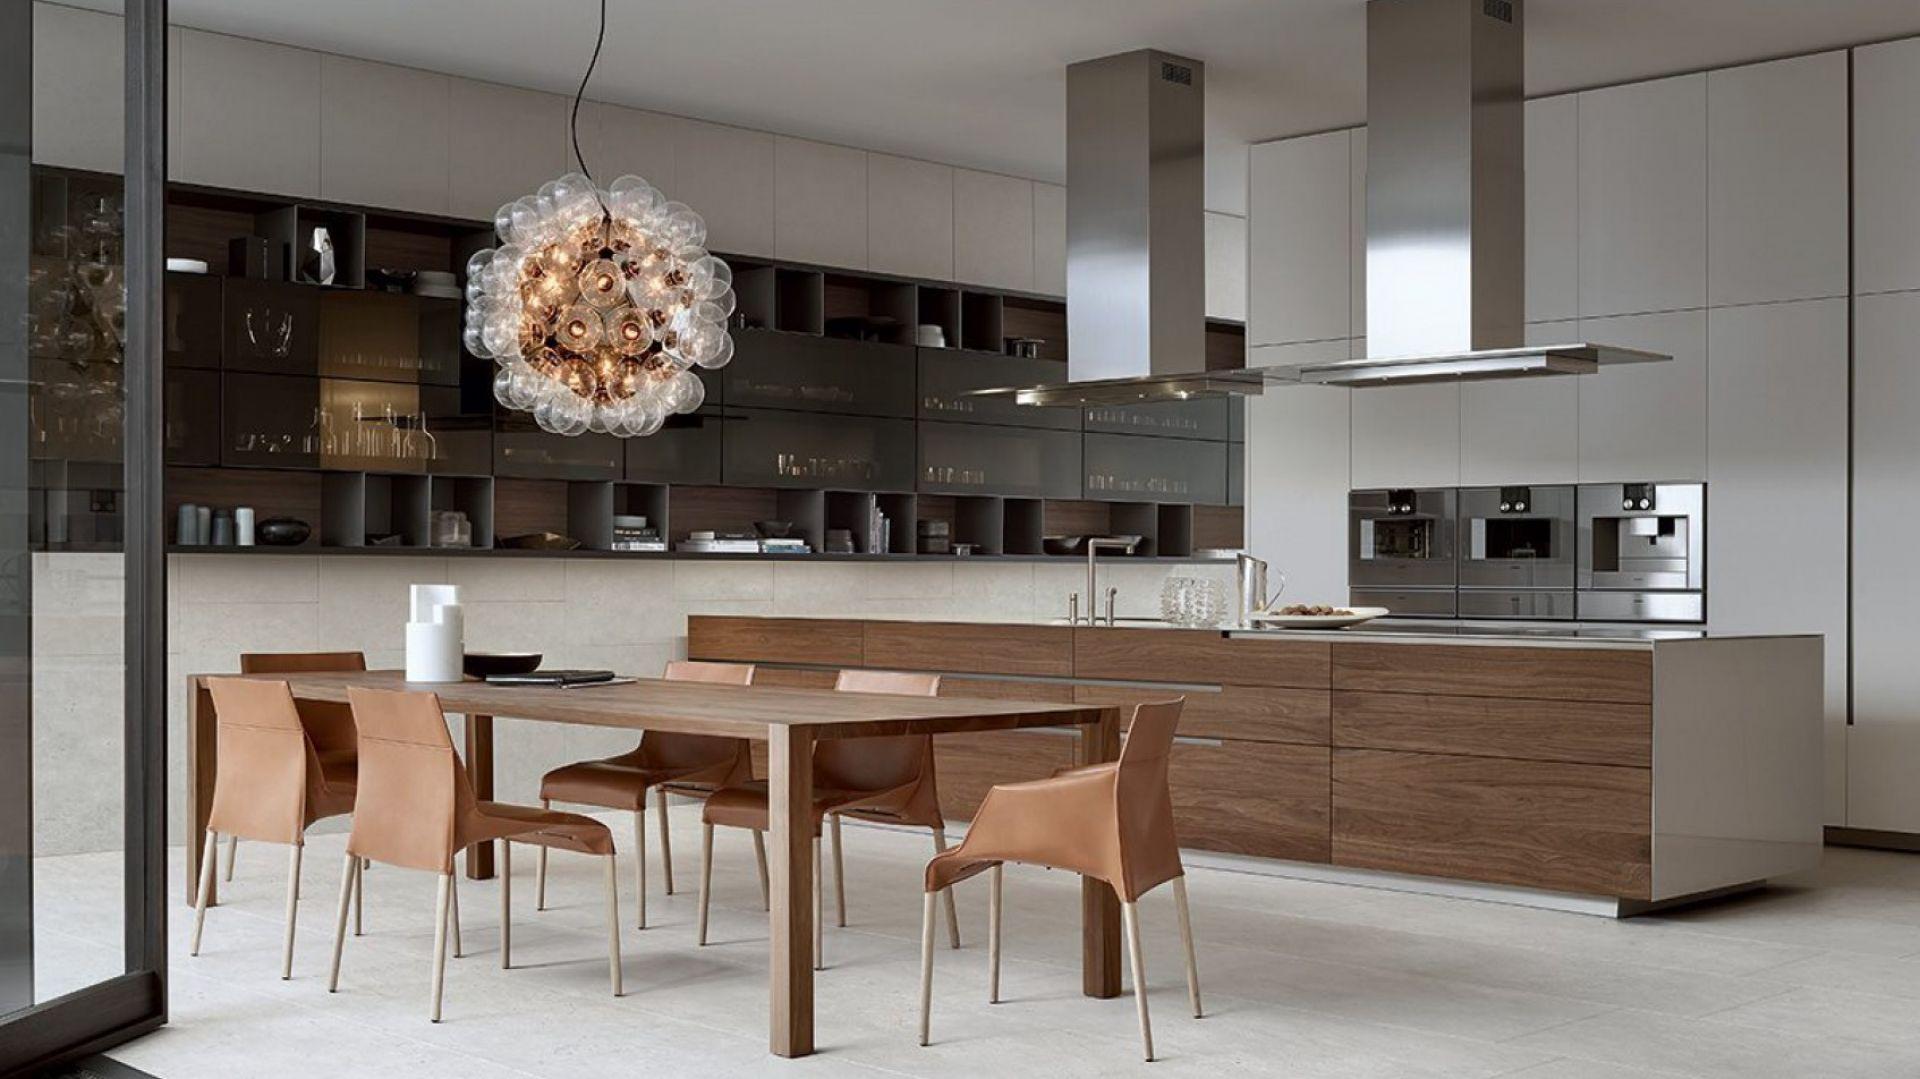 PHOENIX - kuchnię cechują nowoczesne wzornictwo i ekskluzywne wykończenia. Jednolite powierzchnie wysokiej zabudowy są tłem dla wyspy, która w kompozycji odgrywa główną rolę. Fot. Poliform / Mood-Design